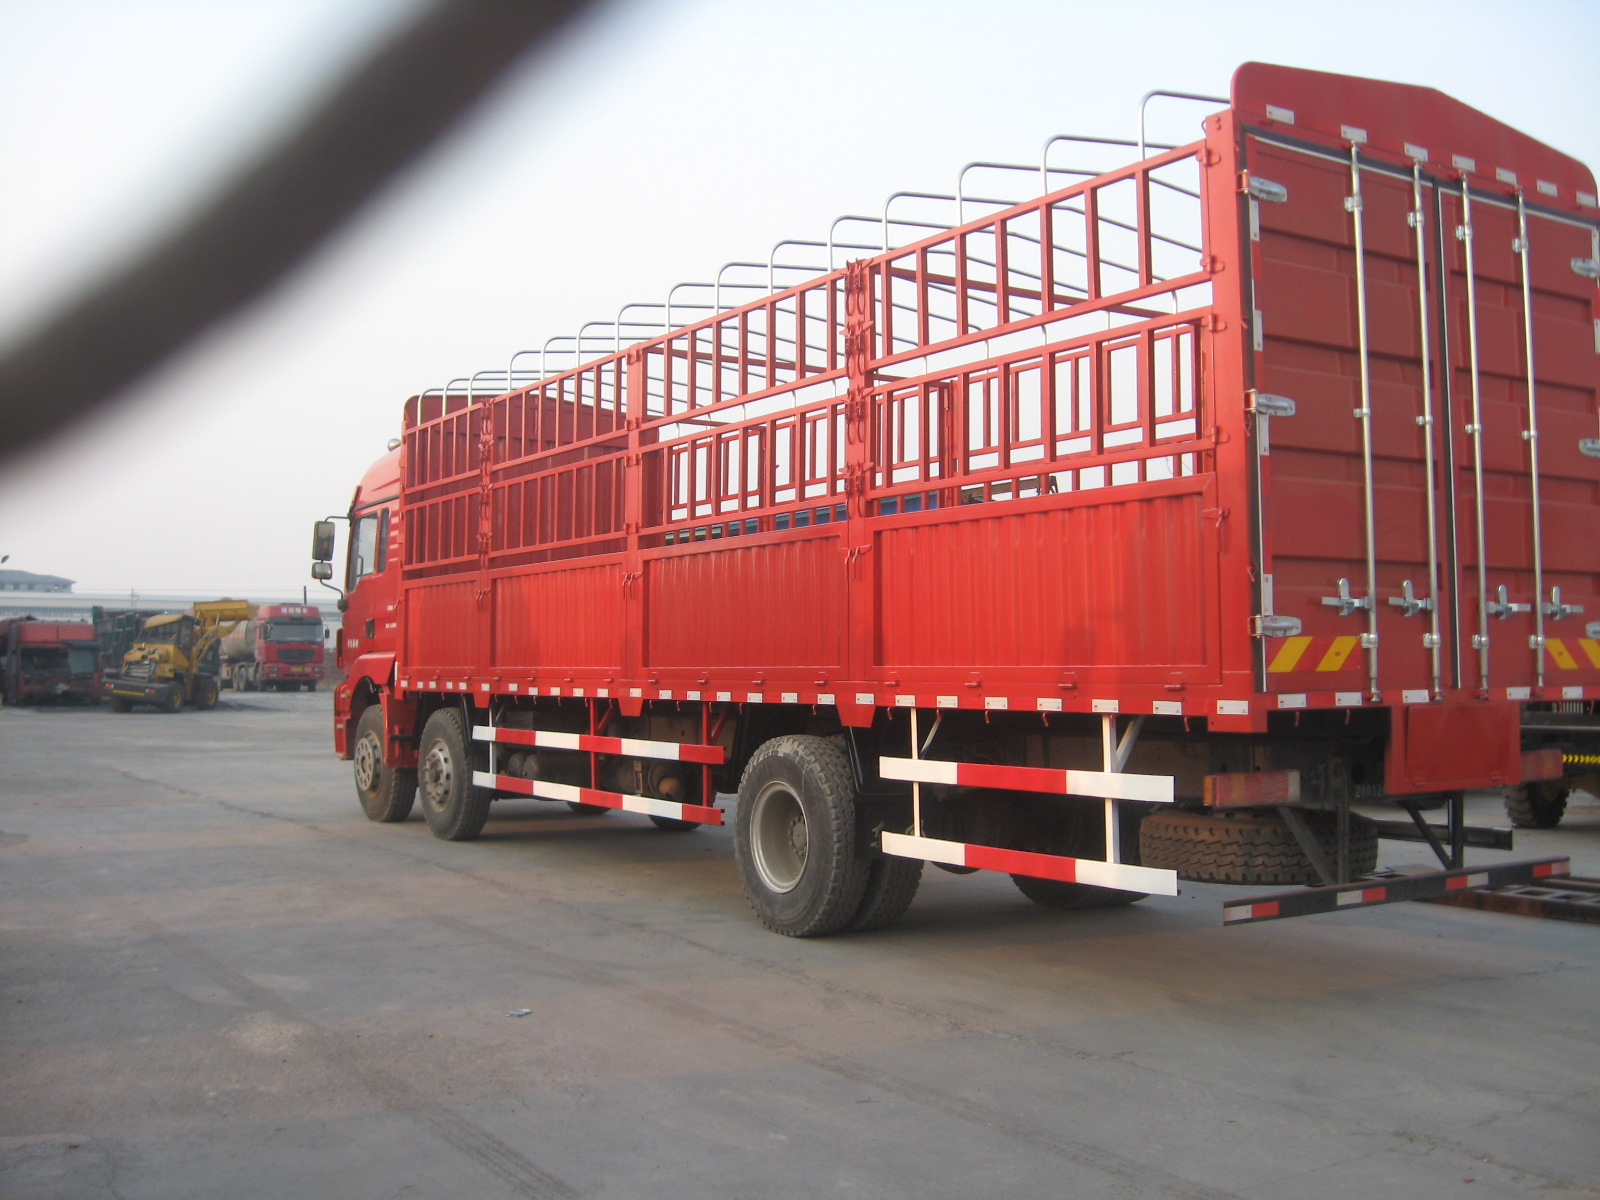 陕汽德龙新m3000九米五整车高栏载货车